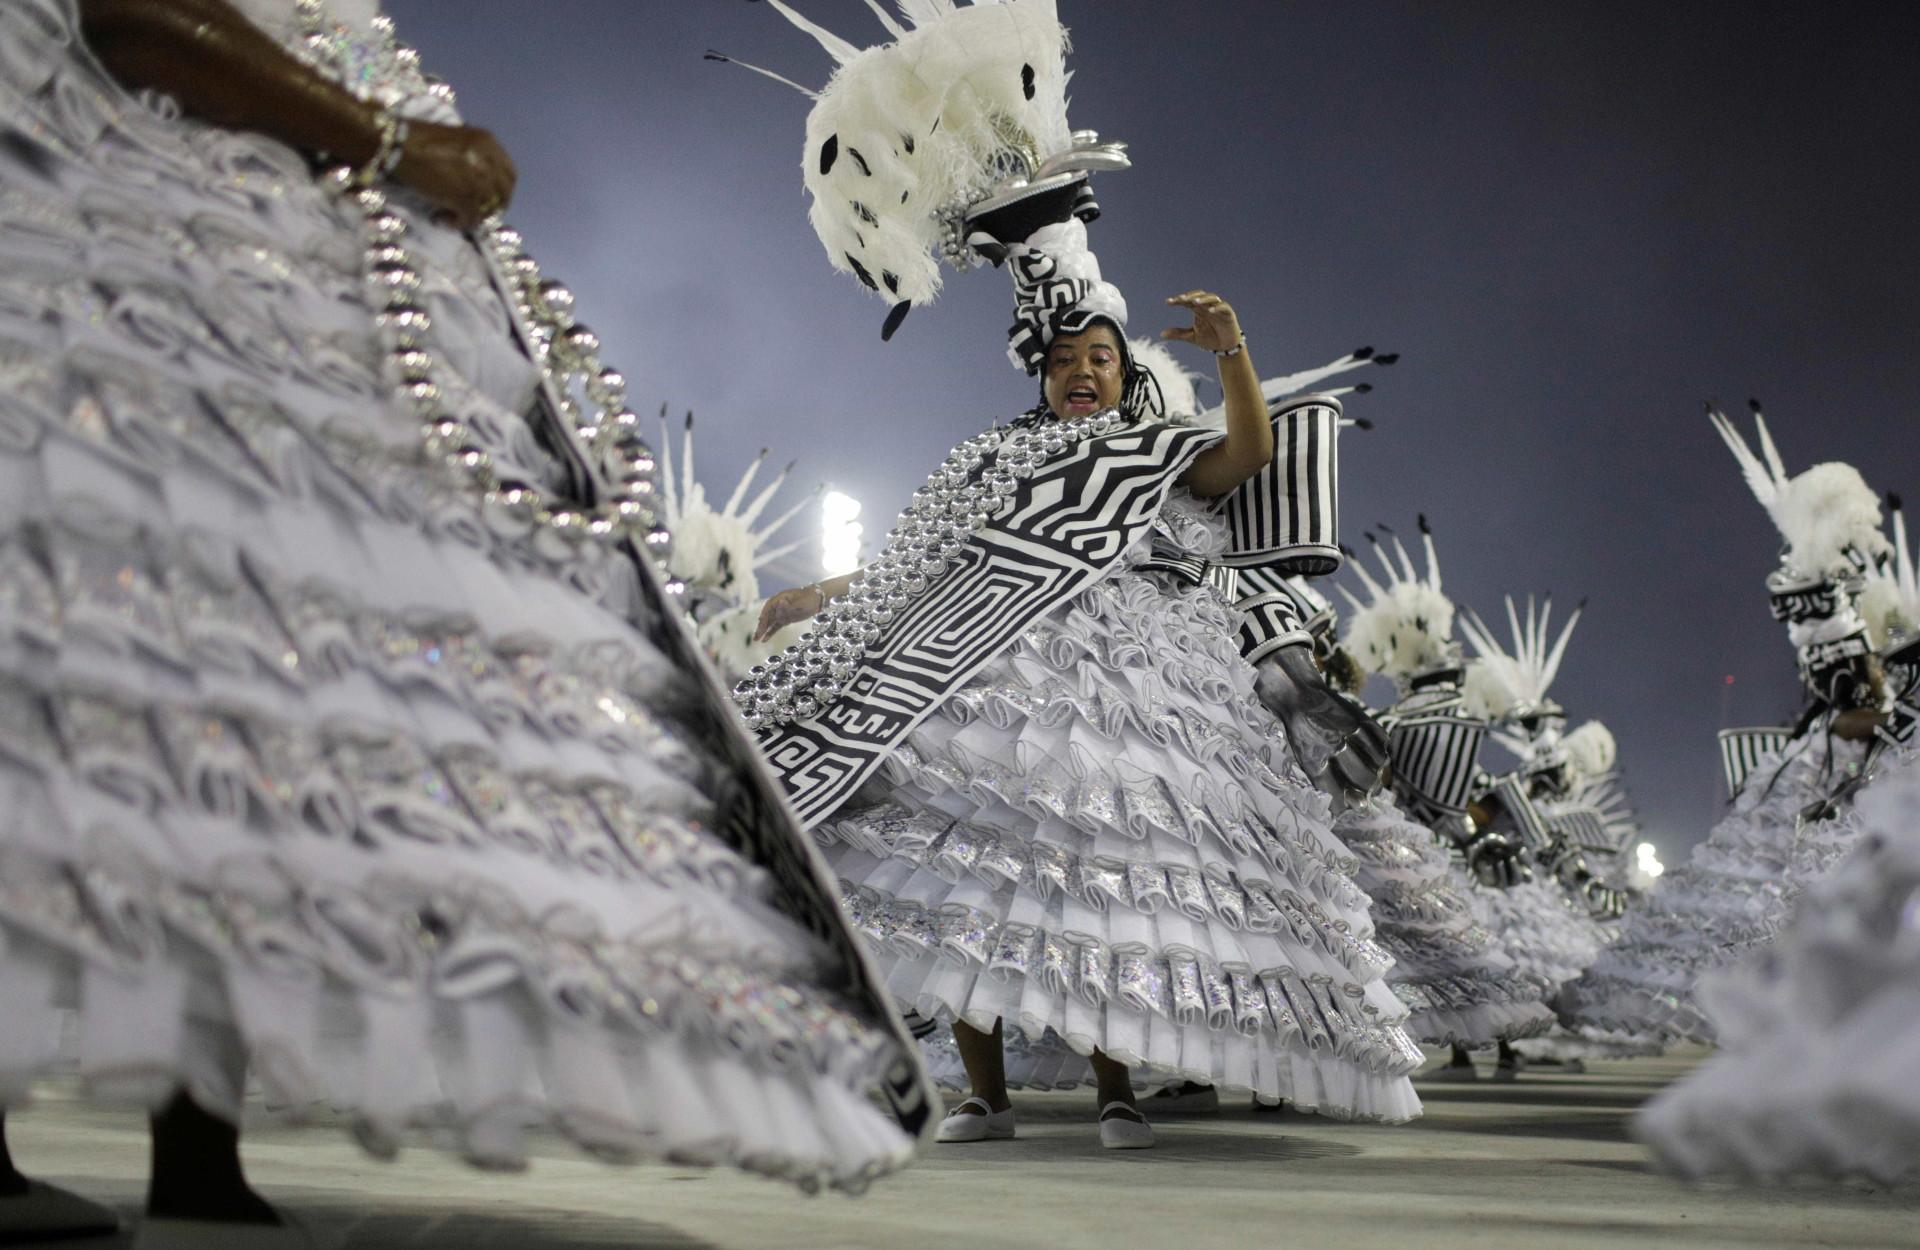 Carnaval Rio 2018: as melhores imagens da primeira noite de desfile